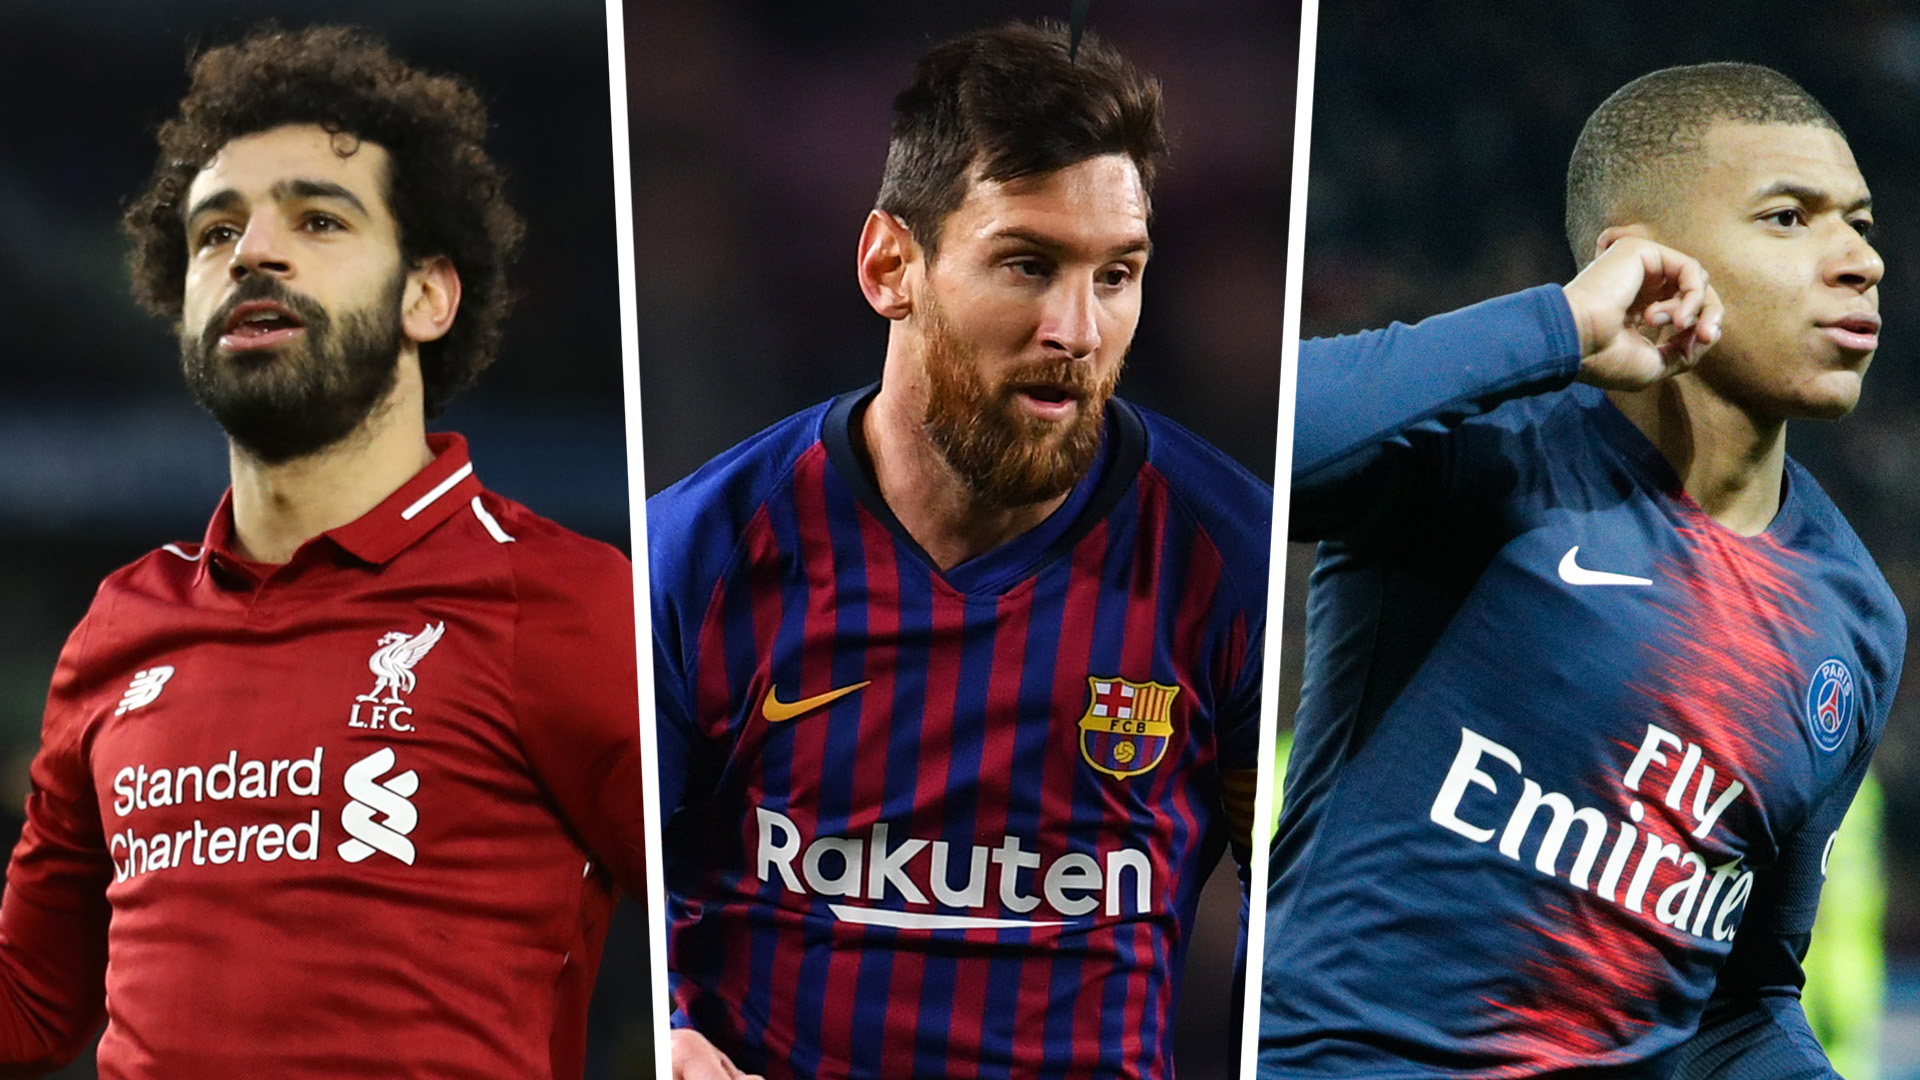 Champions League 2019-20: Teams, groups & knockout fixtures